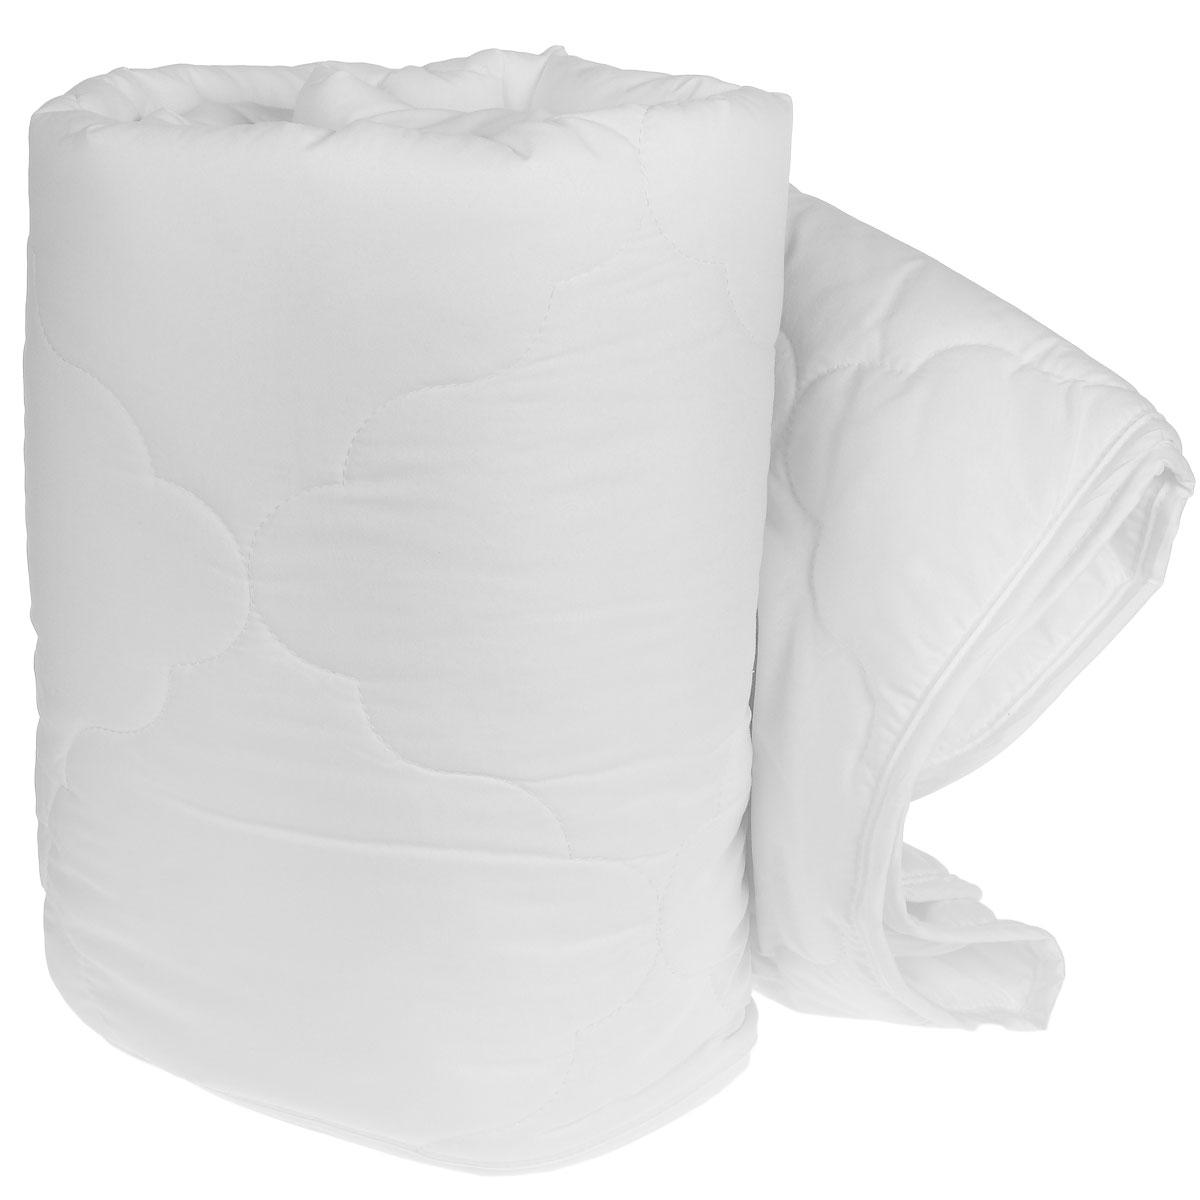 Одеяло легкое Green Line, наполнитель: бамбуковое волокно, цвет: белый, 200 см х 220 см165996Легкое одеяло Green Line подарит незабываемое чувство комфорта и уюта во время сна. Верх выполнен из ткани нового поколения из микрофиламентных нитей Ultratex. Внутри - наполнитель из бамбукового волокна. Это экологически чистый натуральный материал, который позаботится о вашем здоровье и подарит комфортный сон. Бамбук обеспечивает антибактериальную защиту и имеет оптимальную терморегуляцию. Стежка и кант по краю не позволяют наполнителю скатываться и равномерно удерживают его внутри. Одеяло легкое и тонкое - оно идеально подойдет для лета, под ним будет прохладно и комфортно спать в жару. Рекомендации по уходу: - ручная и машинная стирка при температуре 30°С, - не отбеливать, - нельзя отжимать и сушить в стиральной машине, - не гладить, - химчистка с мягкими растворителями, - сушить вертикально. Материал чехла: ткань Ultratex (100% полиэстер). Наполнитель: 50% бамбуковое волокно (100% вискоза), 50% высокоизвитое...